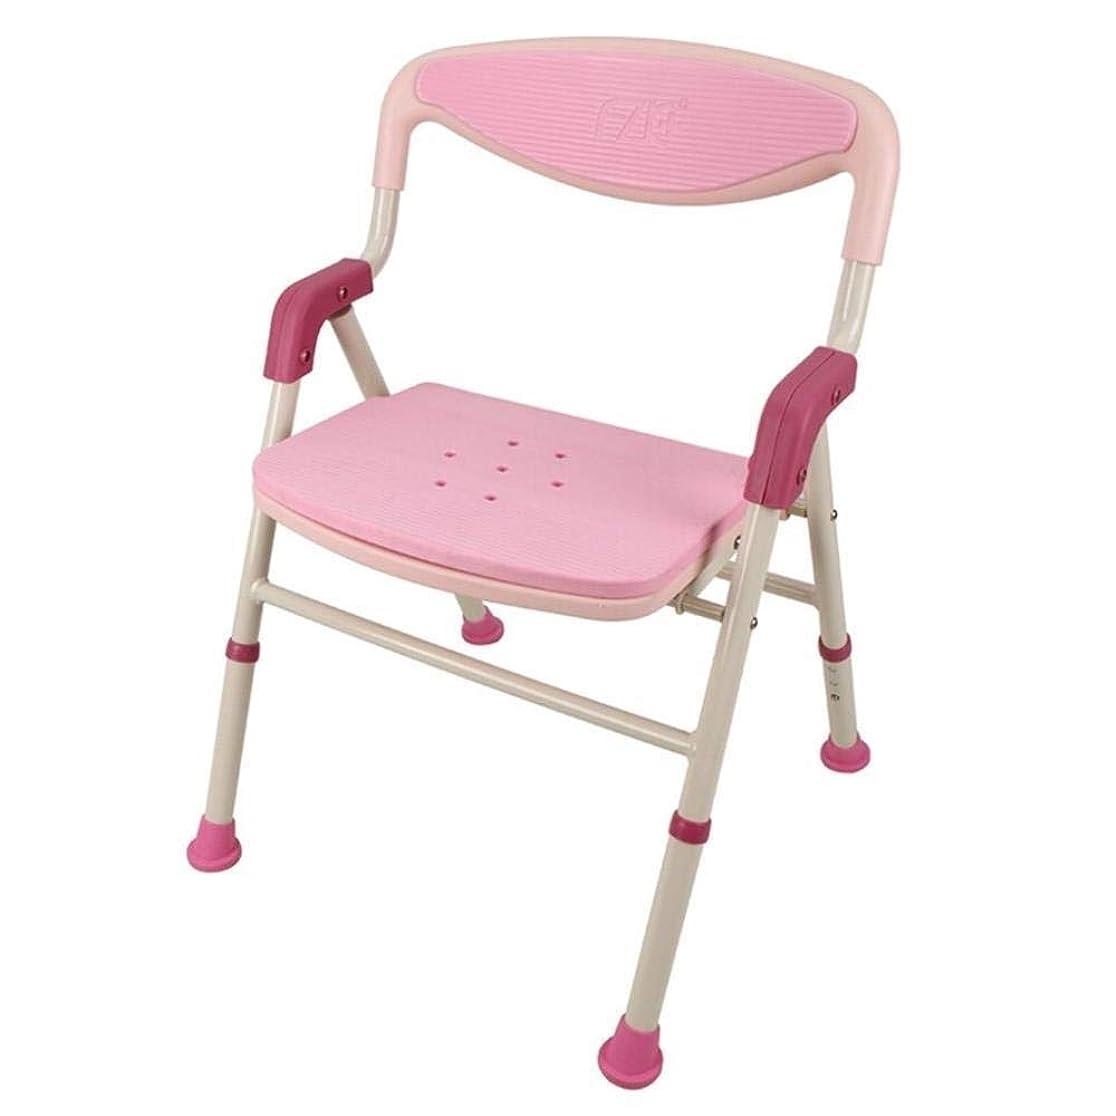 賭け調子シェア浴室の腰掛けのアルミニウムシャワーの座席椅子の滑り止めの高さの調節可能な障害援助